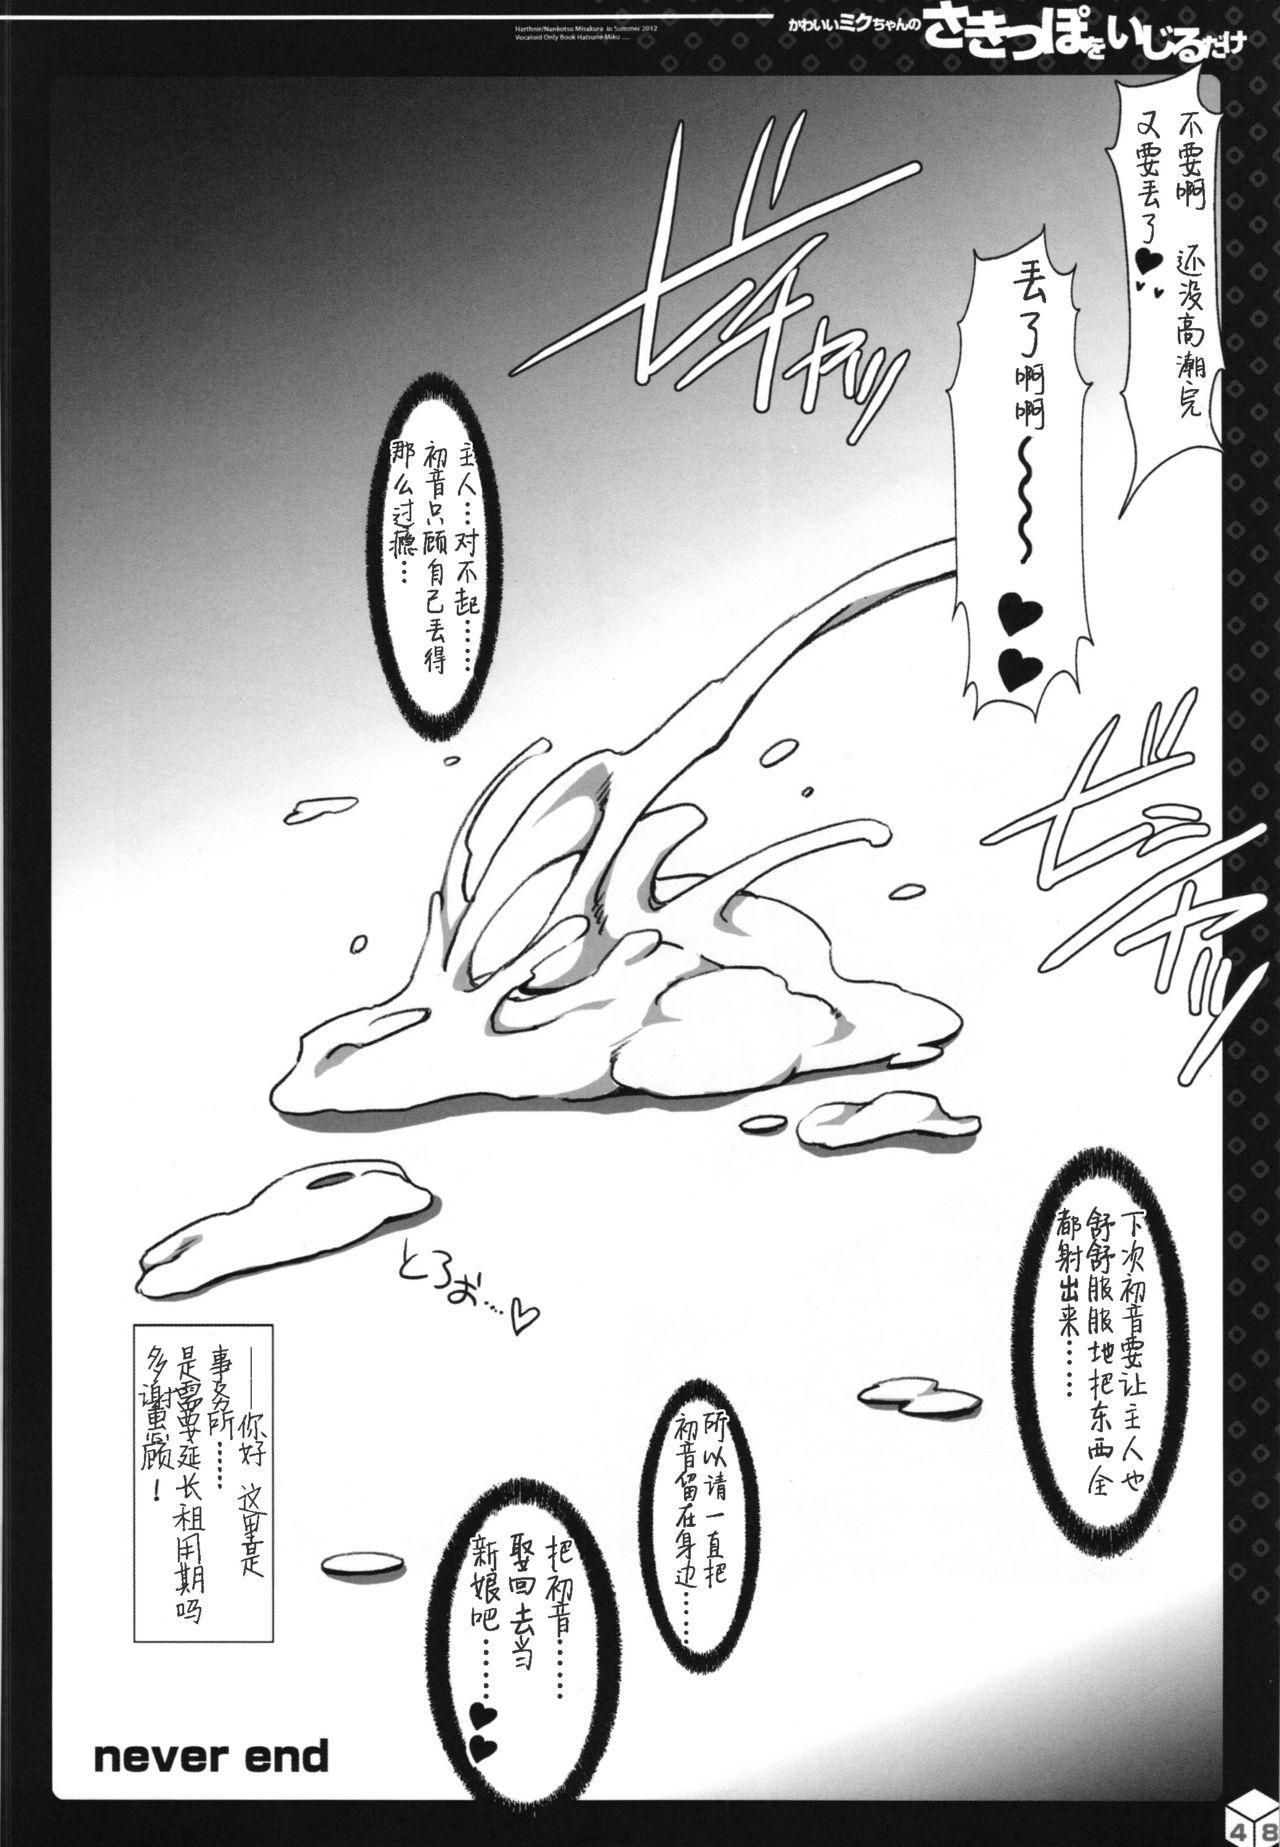 Kawaii Miku-chan no Sakippo o Ijiru dake   只是来欺负初音可爱的尖尖而已 32